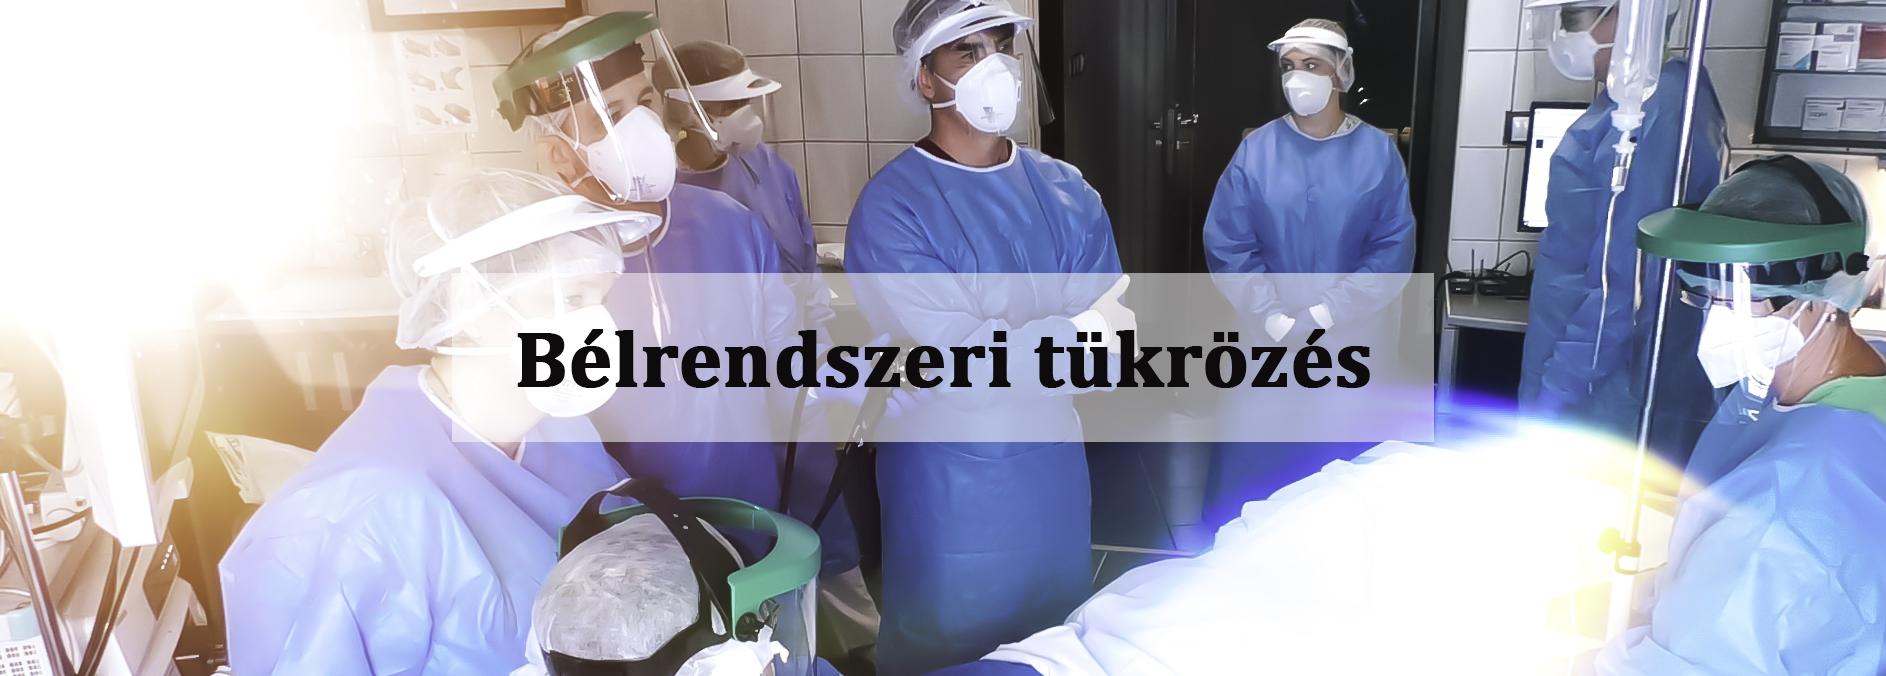 endoszkopia